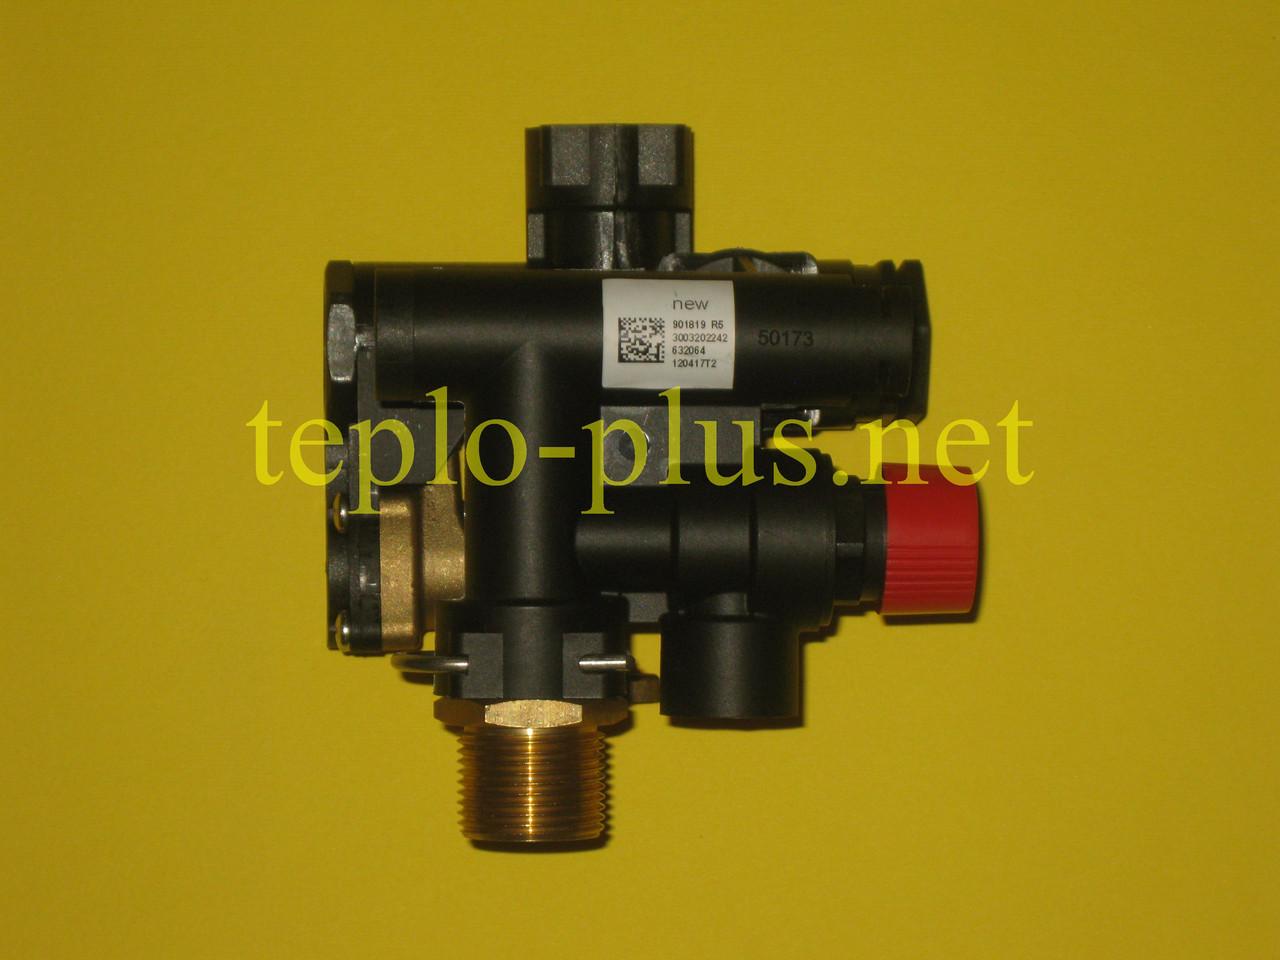 Гідроблок (трьохходовий клапан) D003202242 Demrad Atron H24, H28, Adonis B24, Nitromix P24, P28, P35, фото 3